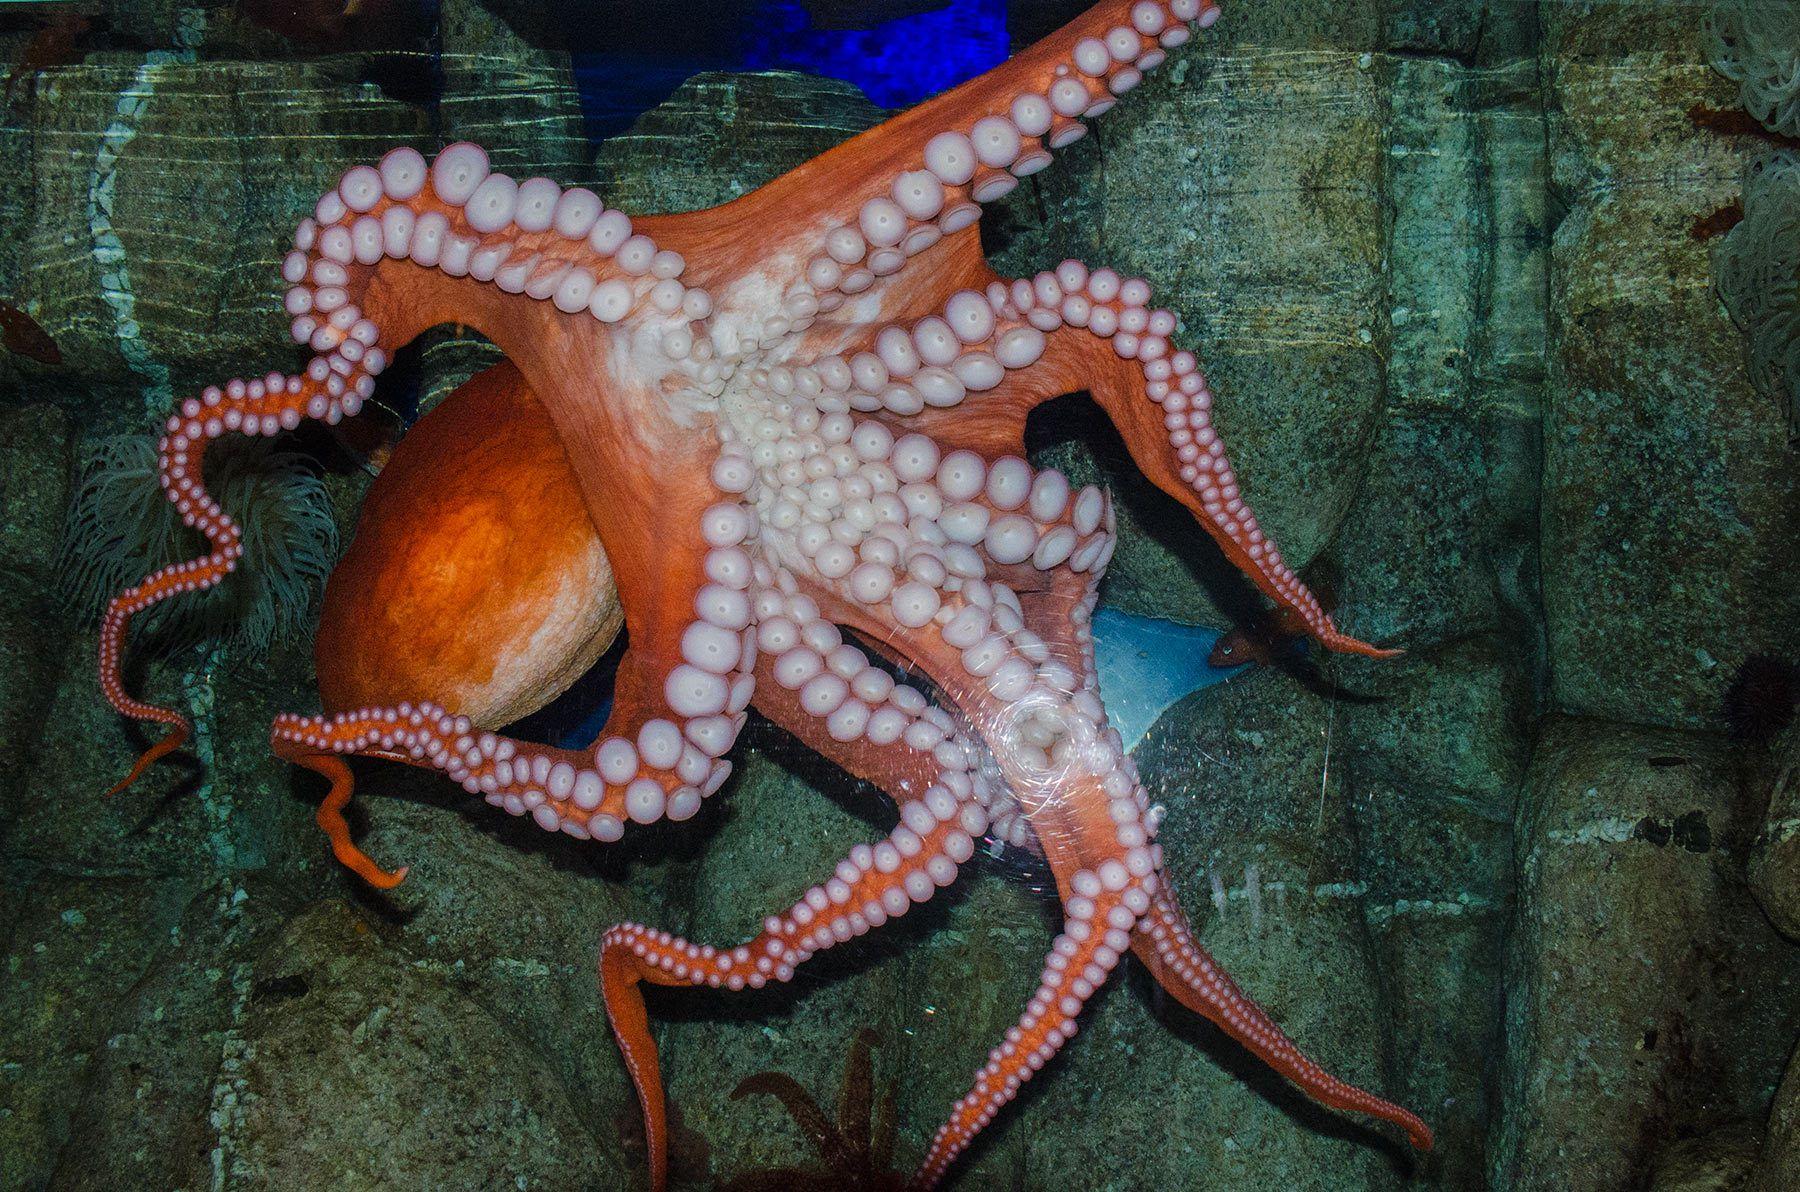 Octopus, Monterey Bay Aquarium, California